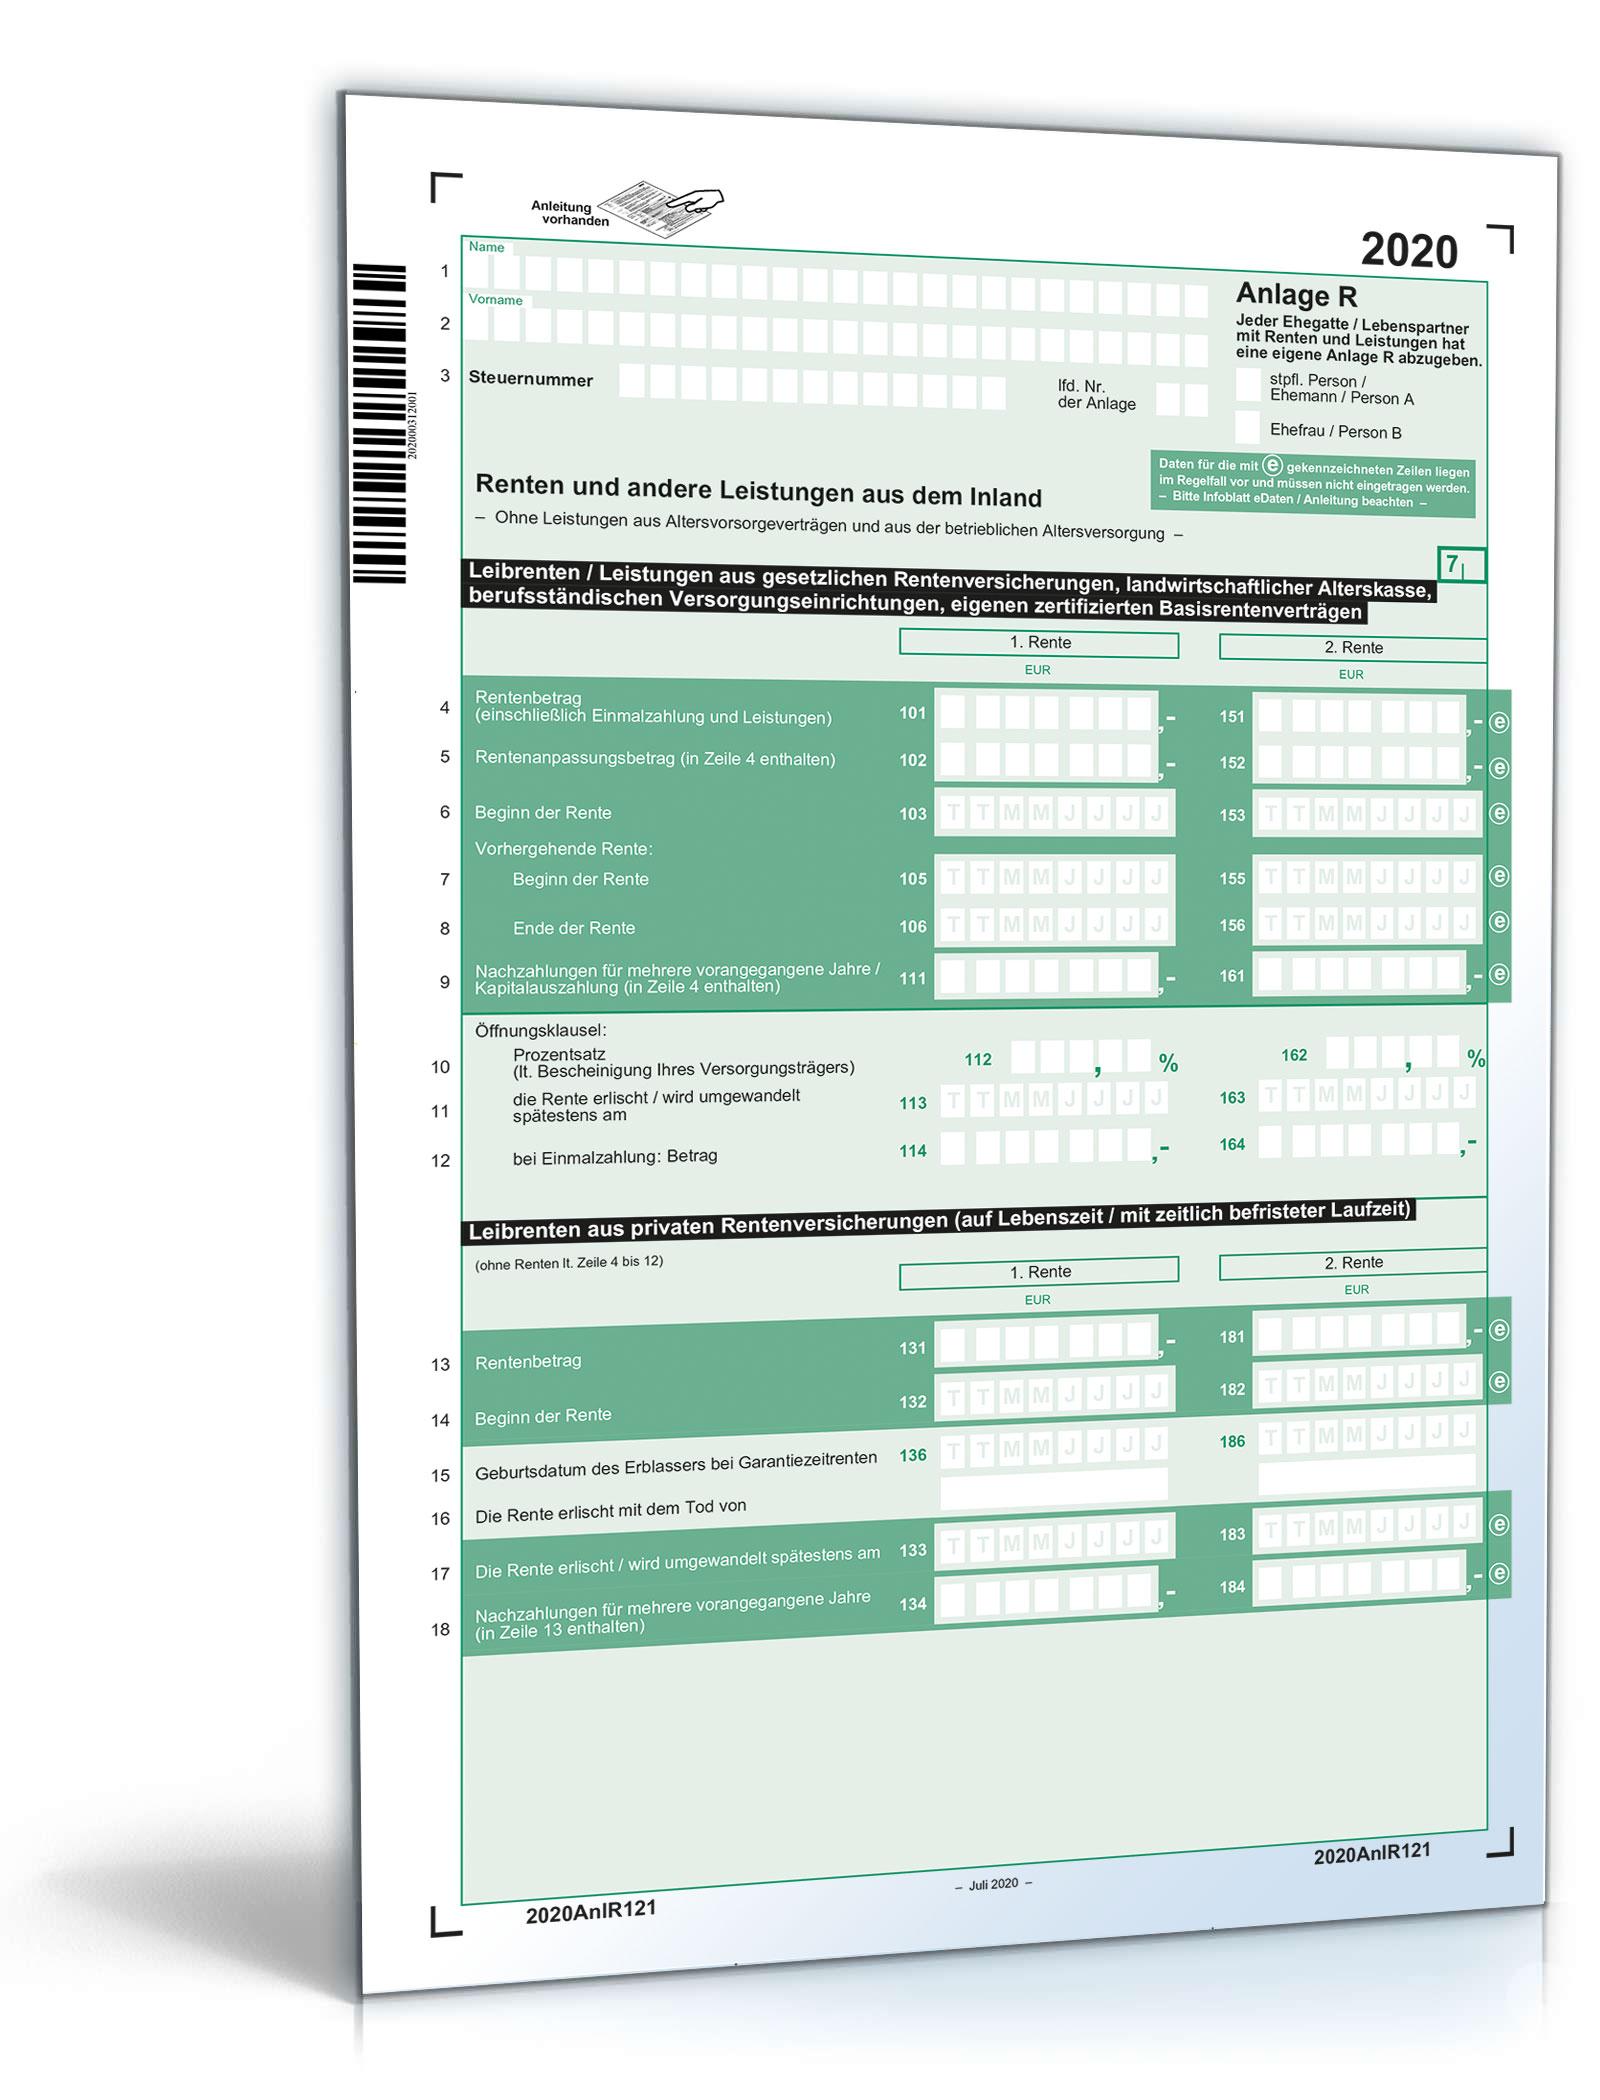 Anlage R 2020 Dokument zum Download